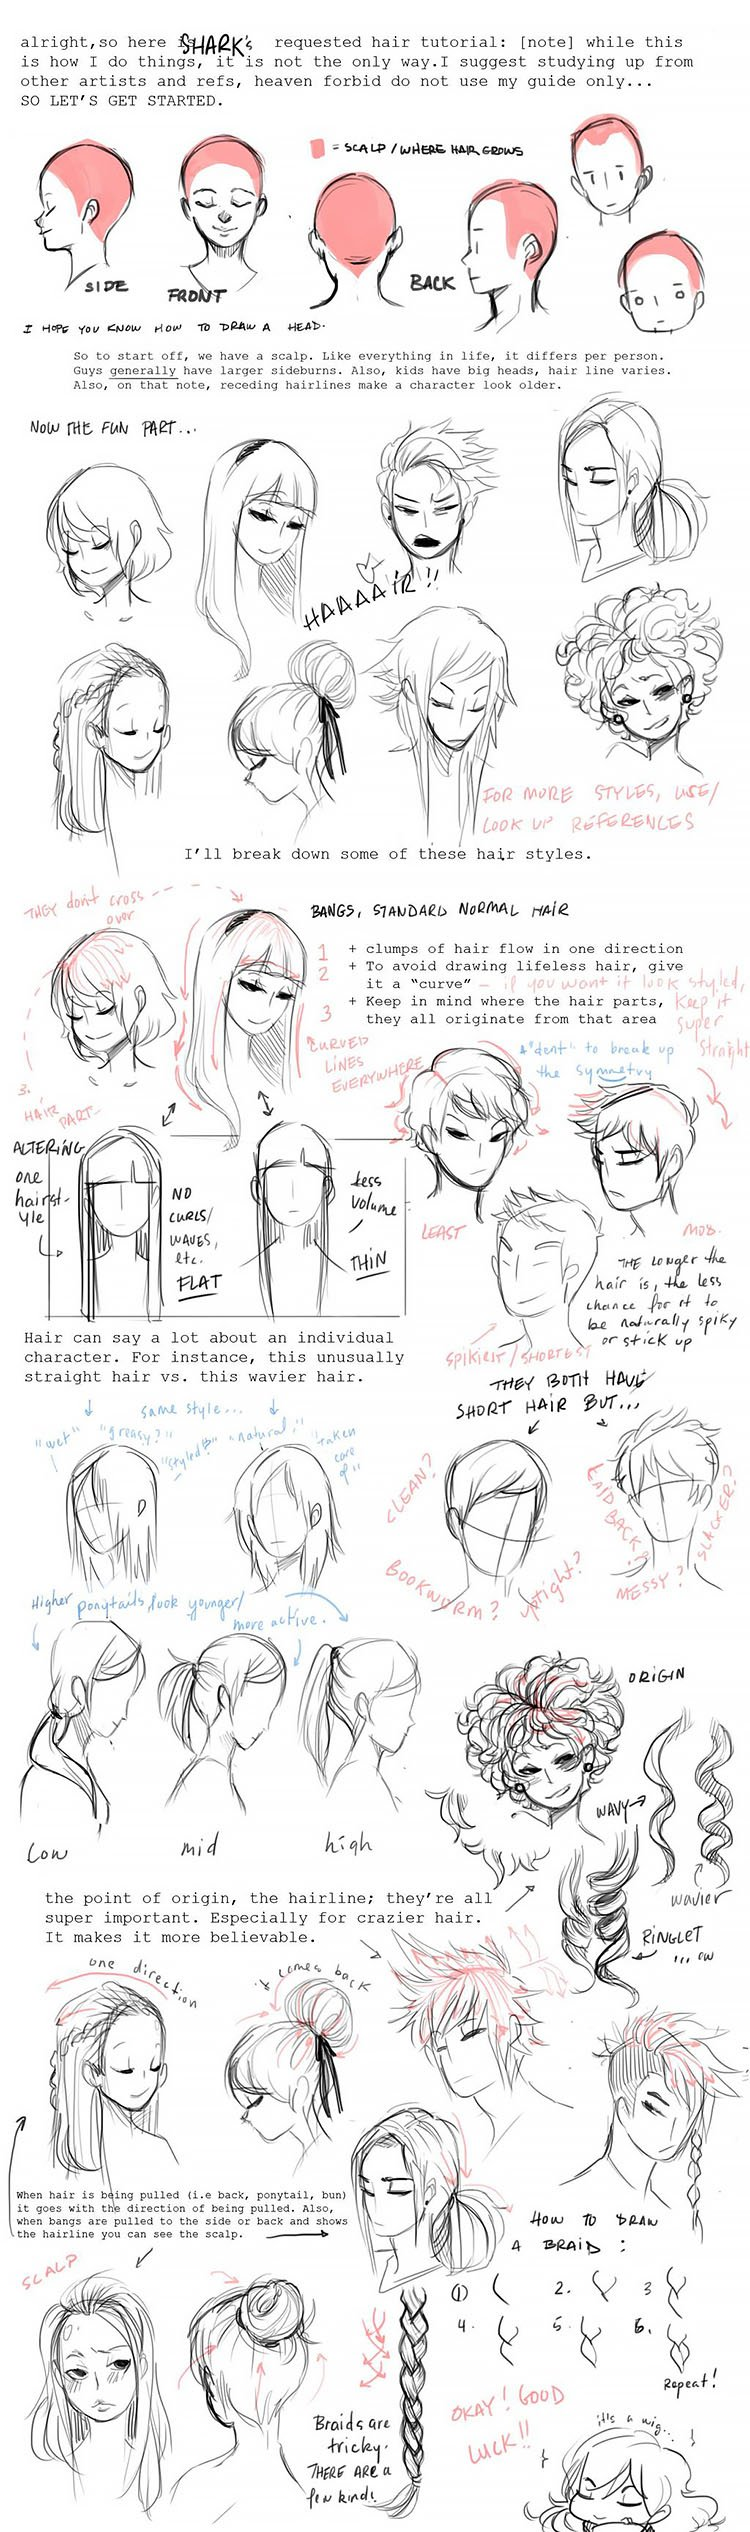 HAIR TUTORIALS GUIDE